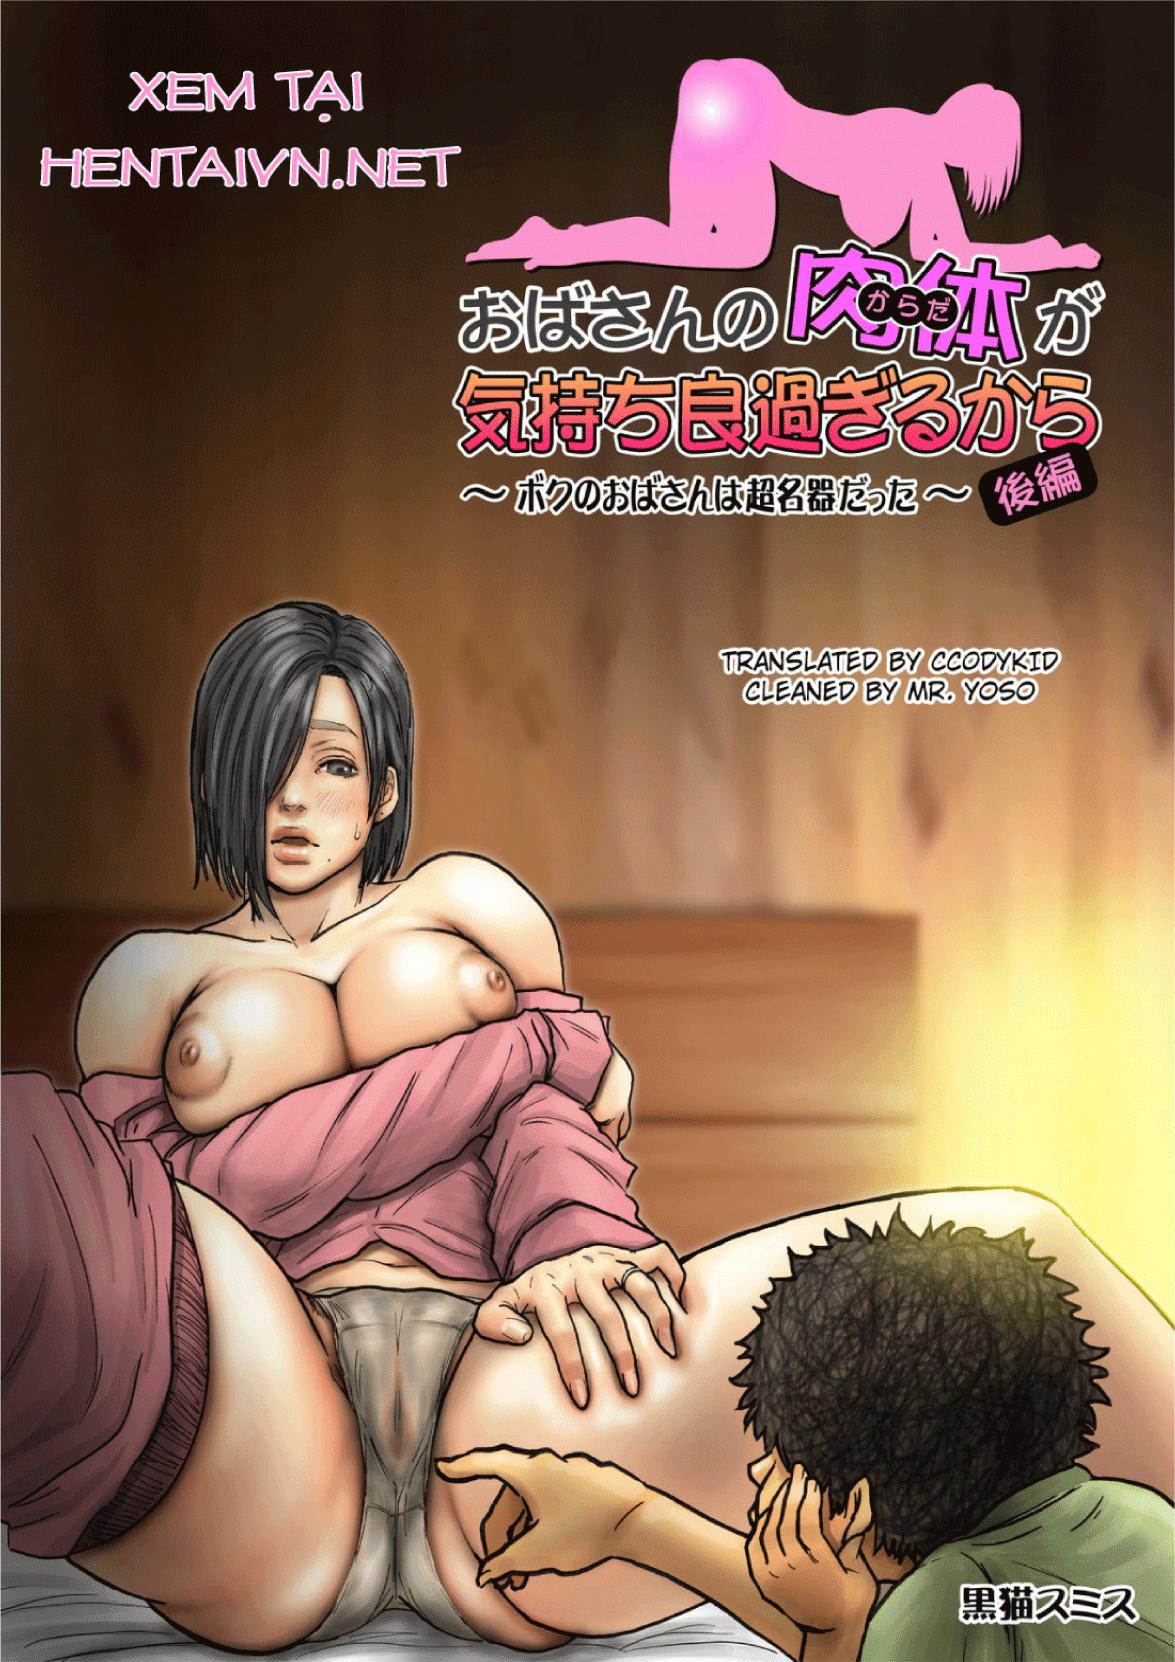 HentaiVN.net - Ảnh 1 - Oba-san no Karada ga Kimochi Yosugiru kara 2 - Boku no Oba-san wa Chou Meiki Datta 02 - Chap 03